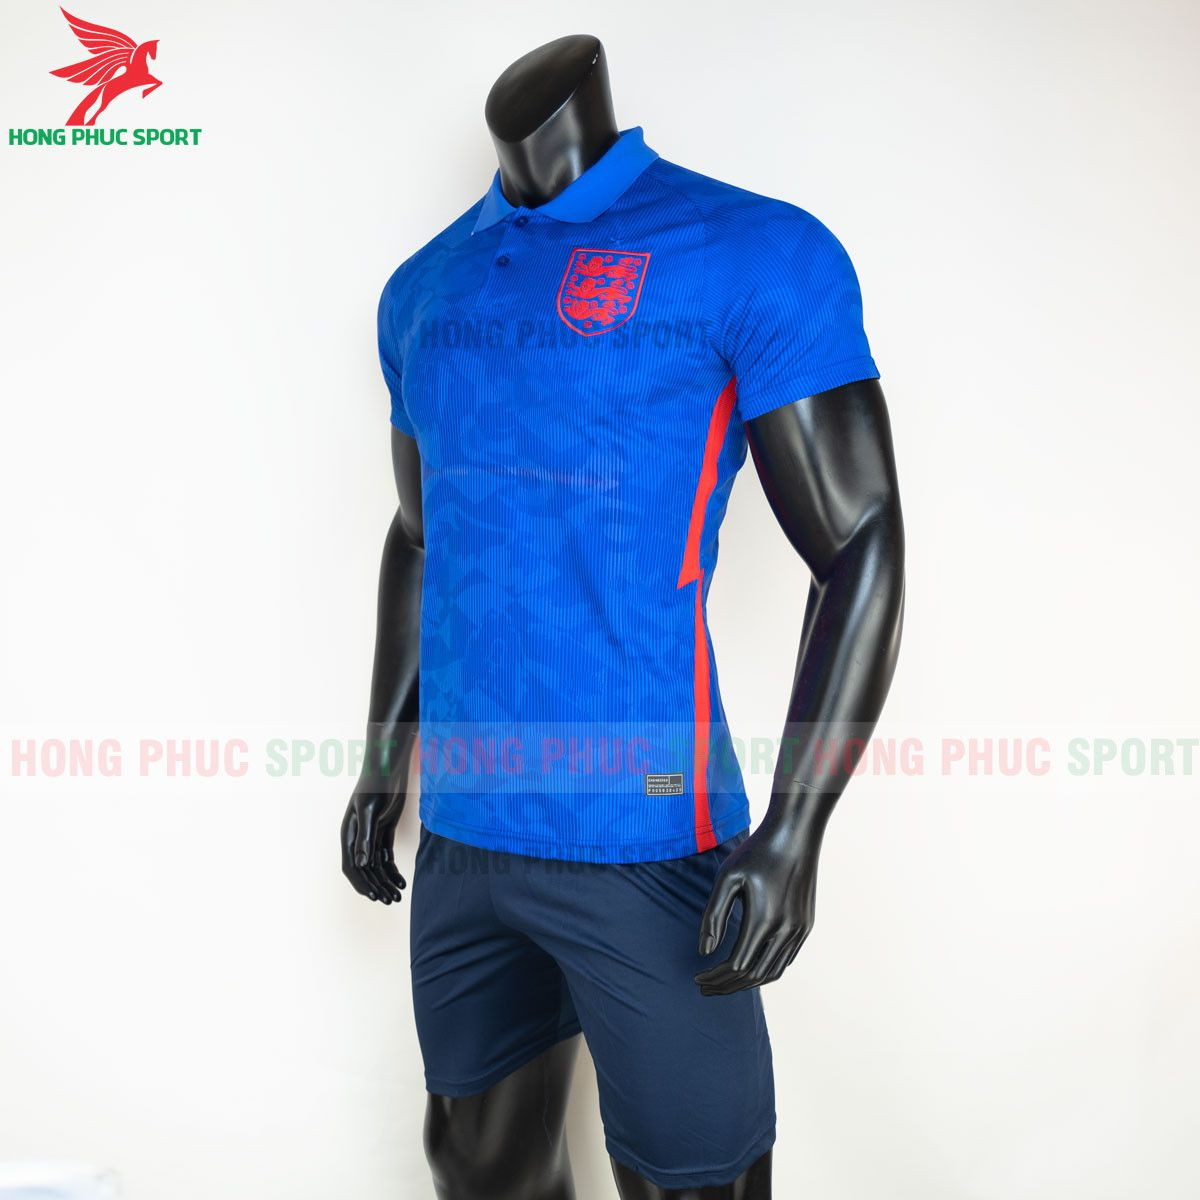 https://cdn.hongphucsport.com/unsafe/s4.shopbay.vn/files/285/ao-bong-da-tuyen-anh-2021-san-khach-hang-thai-4-60d2f98684903.jpg